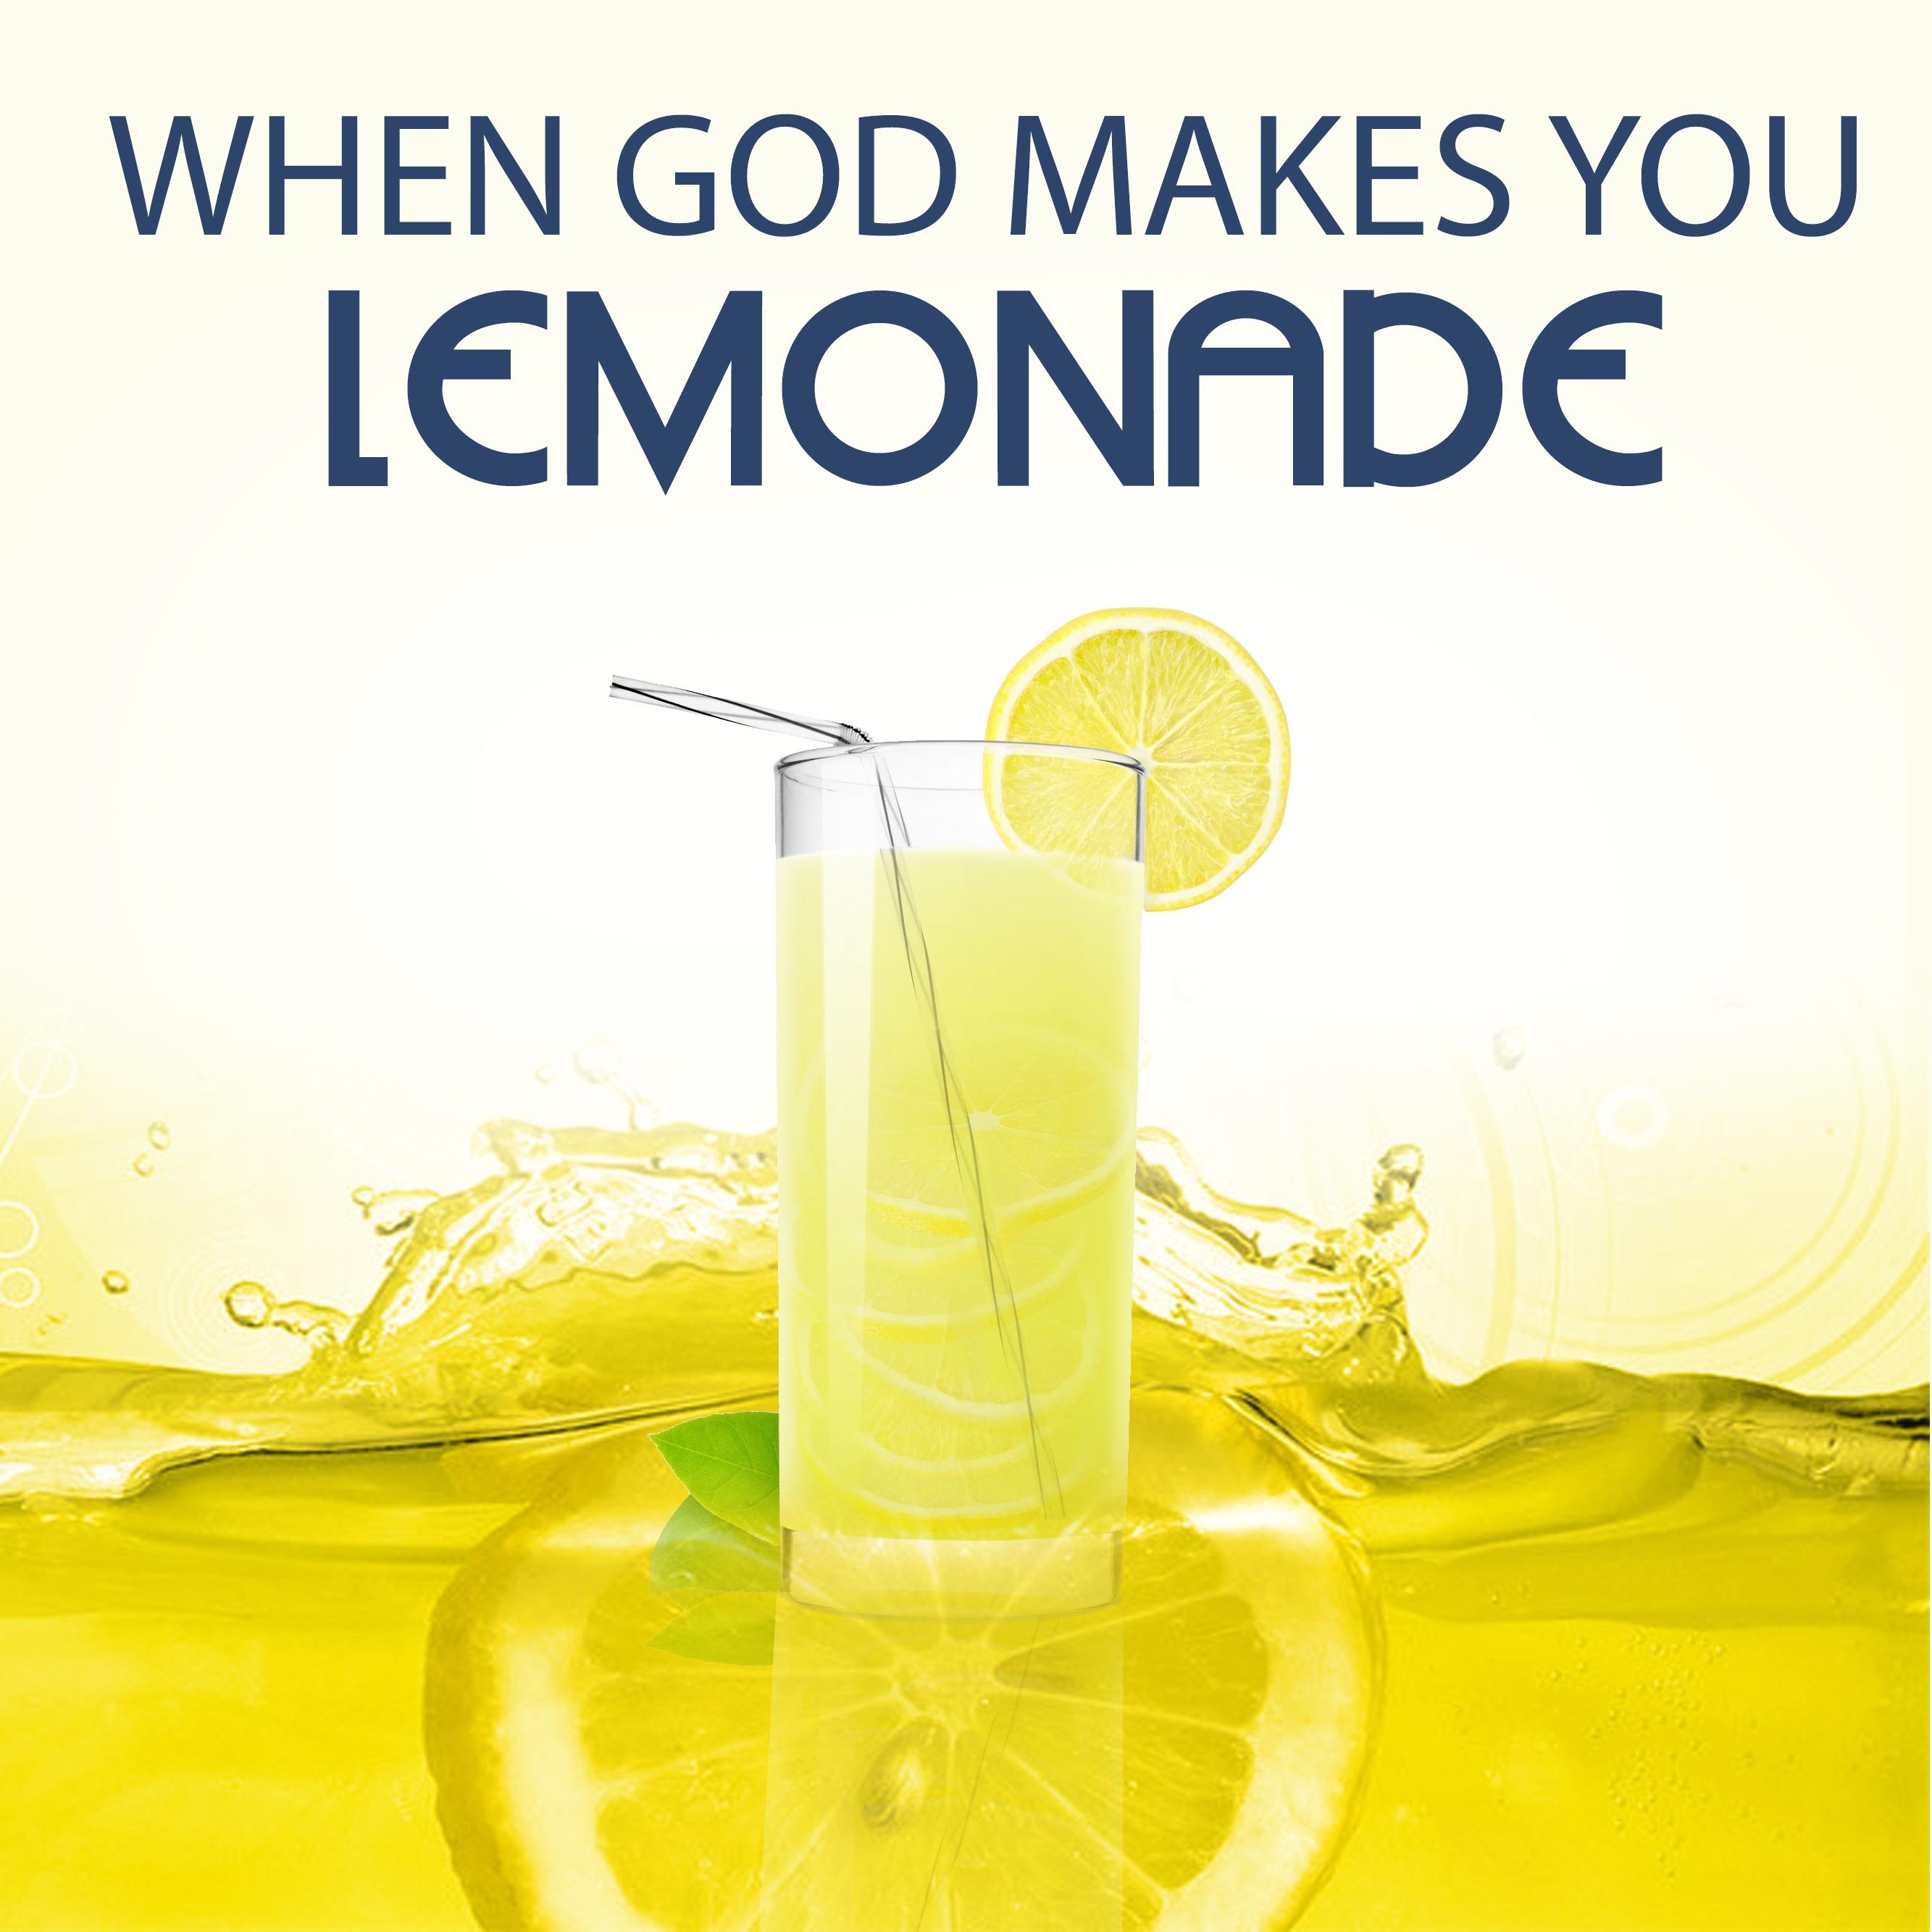 When God Makes You Lemonade